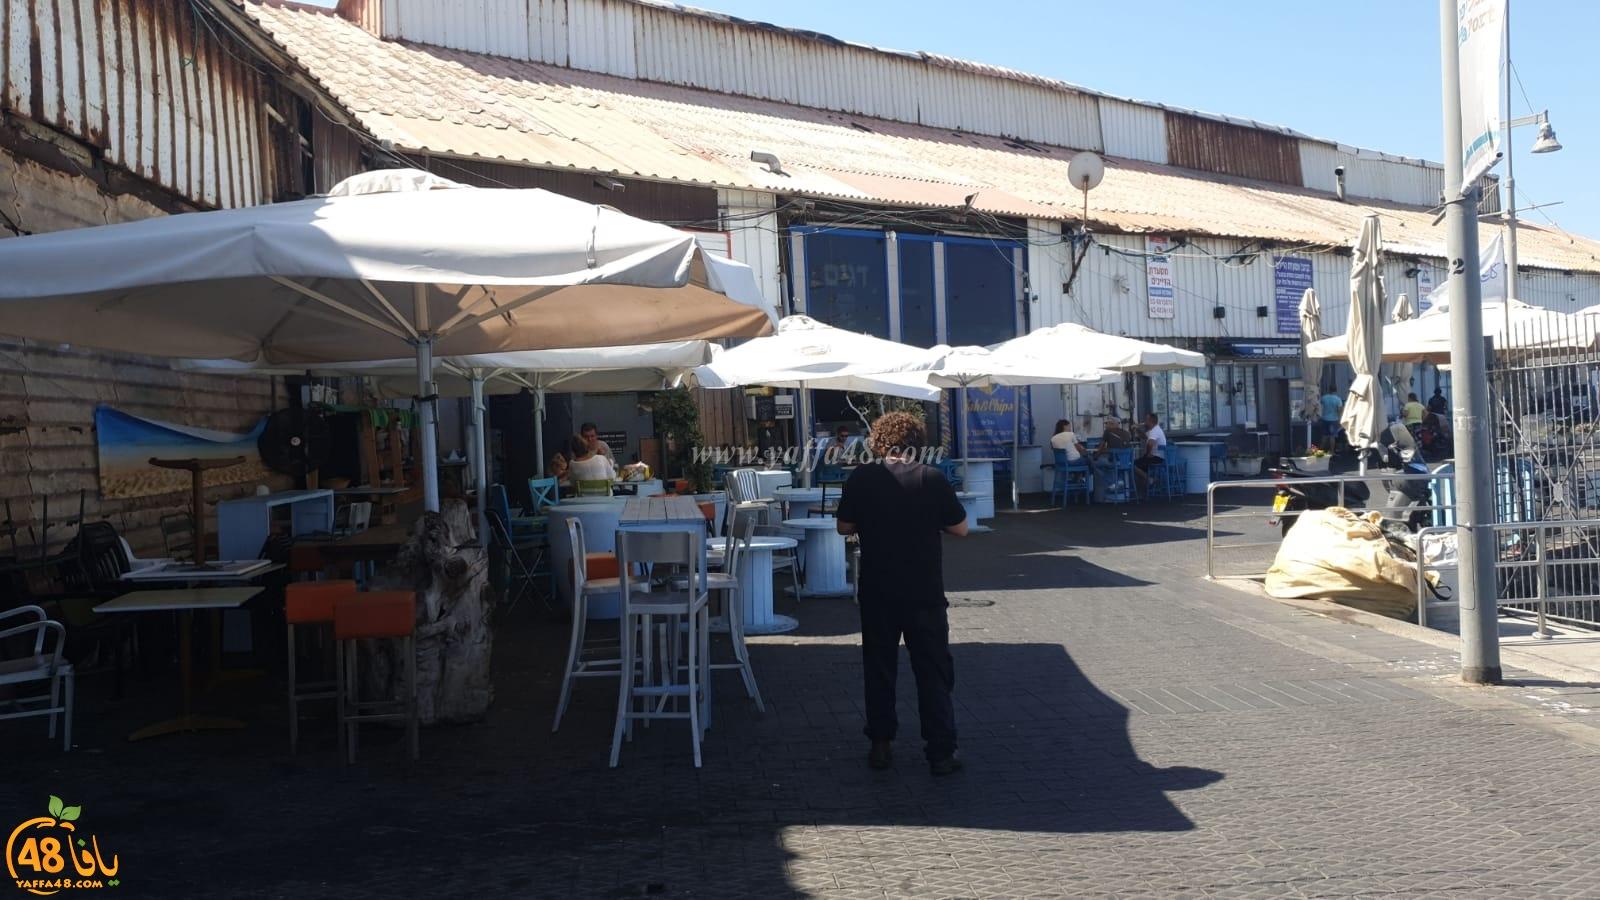 غداً السبت: موعدكم مع سوق بيع الأسماك في مخزن 1 بميناء يافا